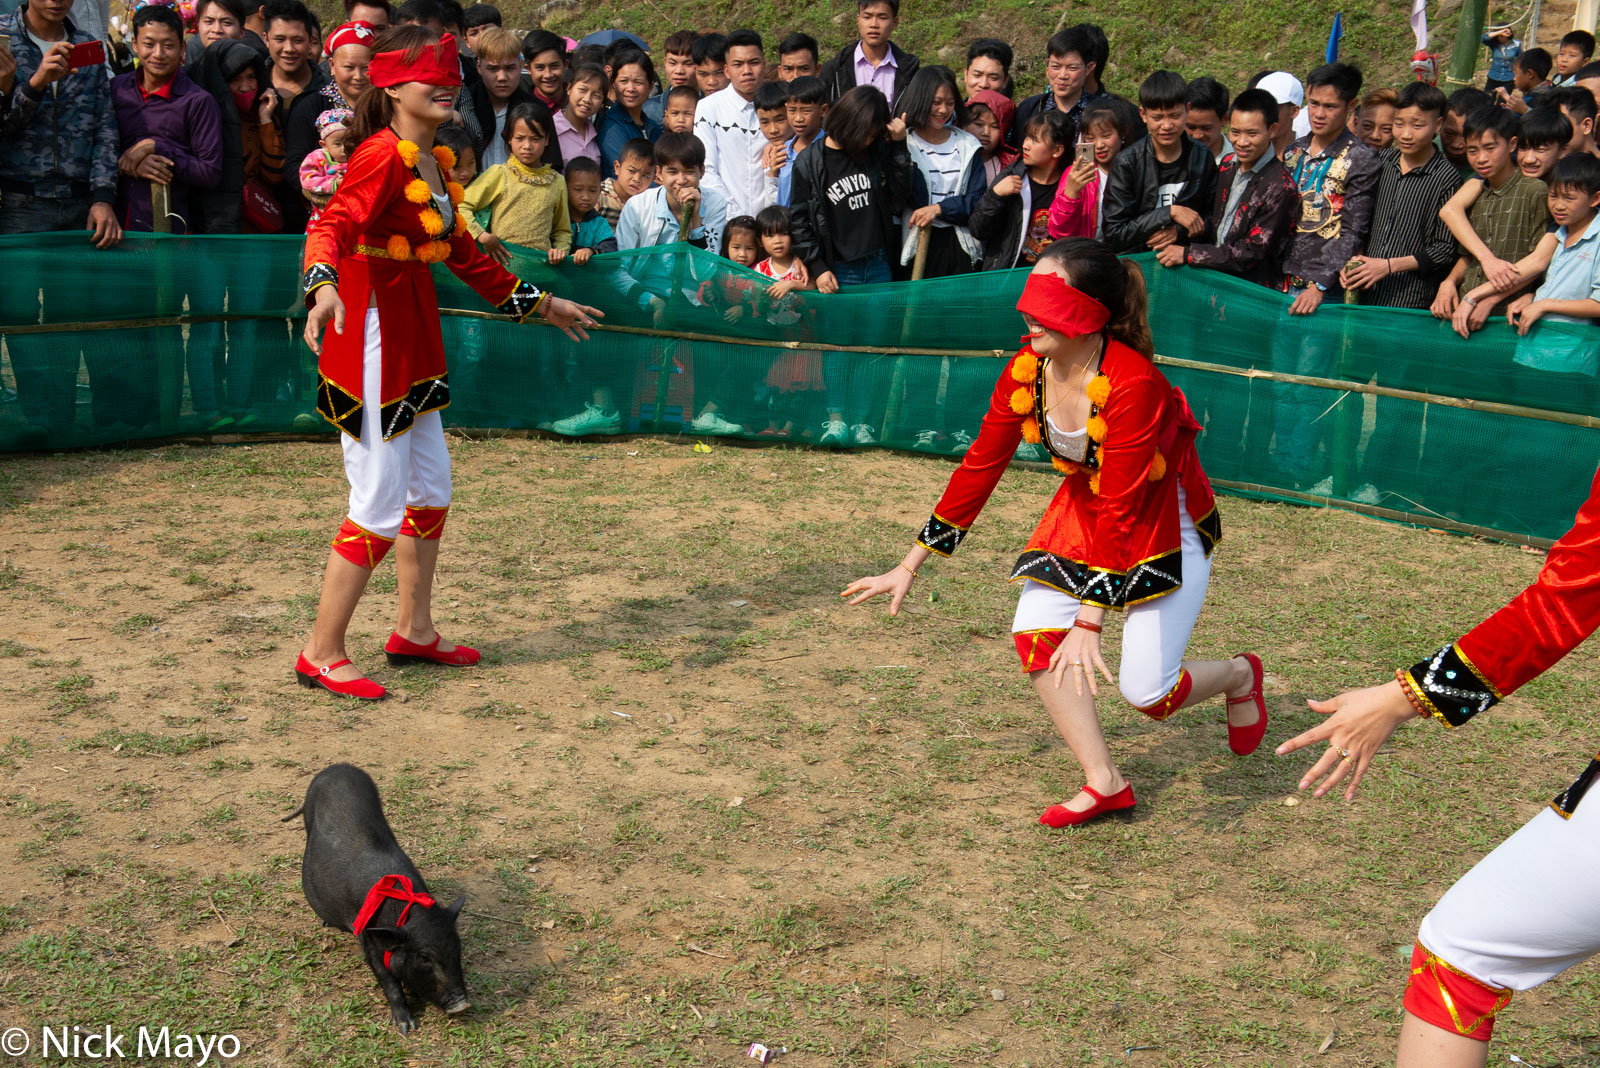 Festival, Game, Lao Cai, Pig, Vietnam, Animals And Birds, Recreation